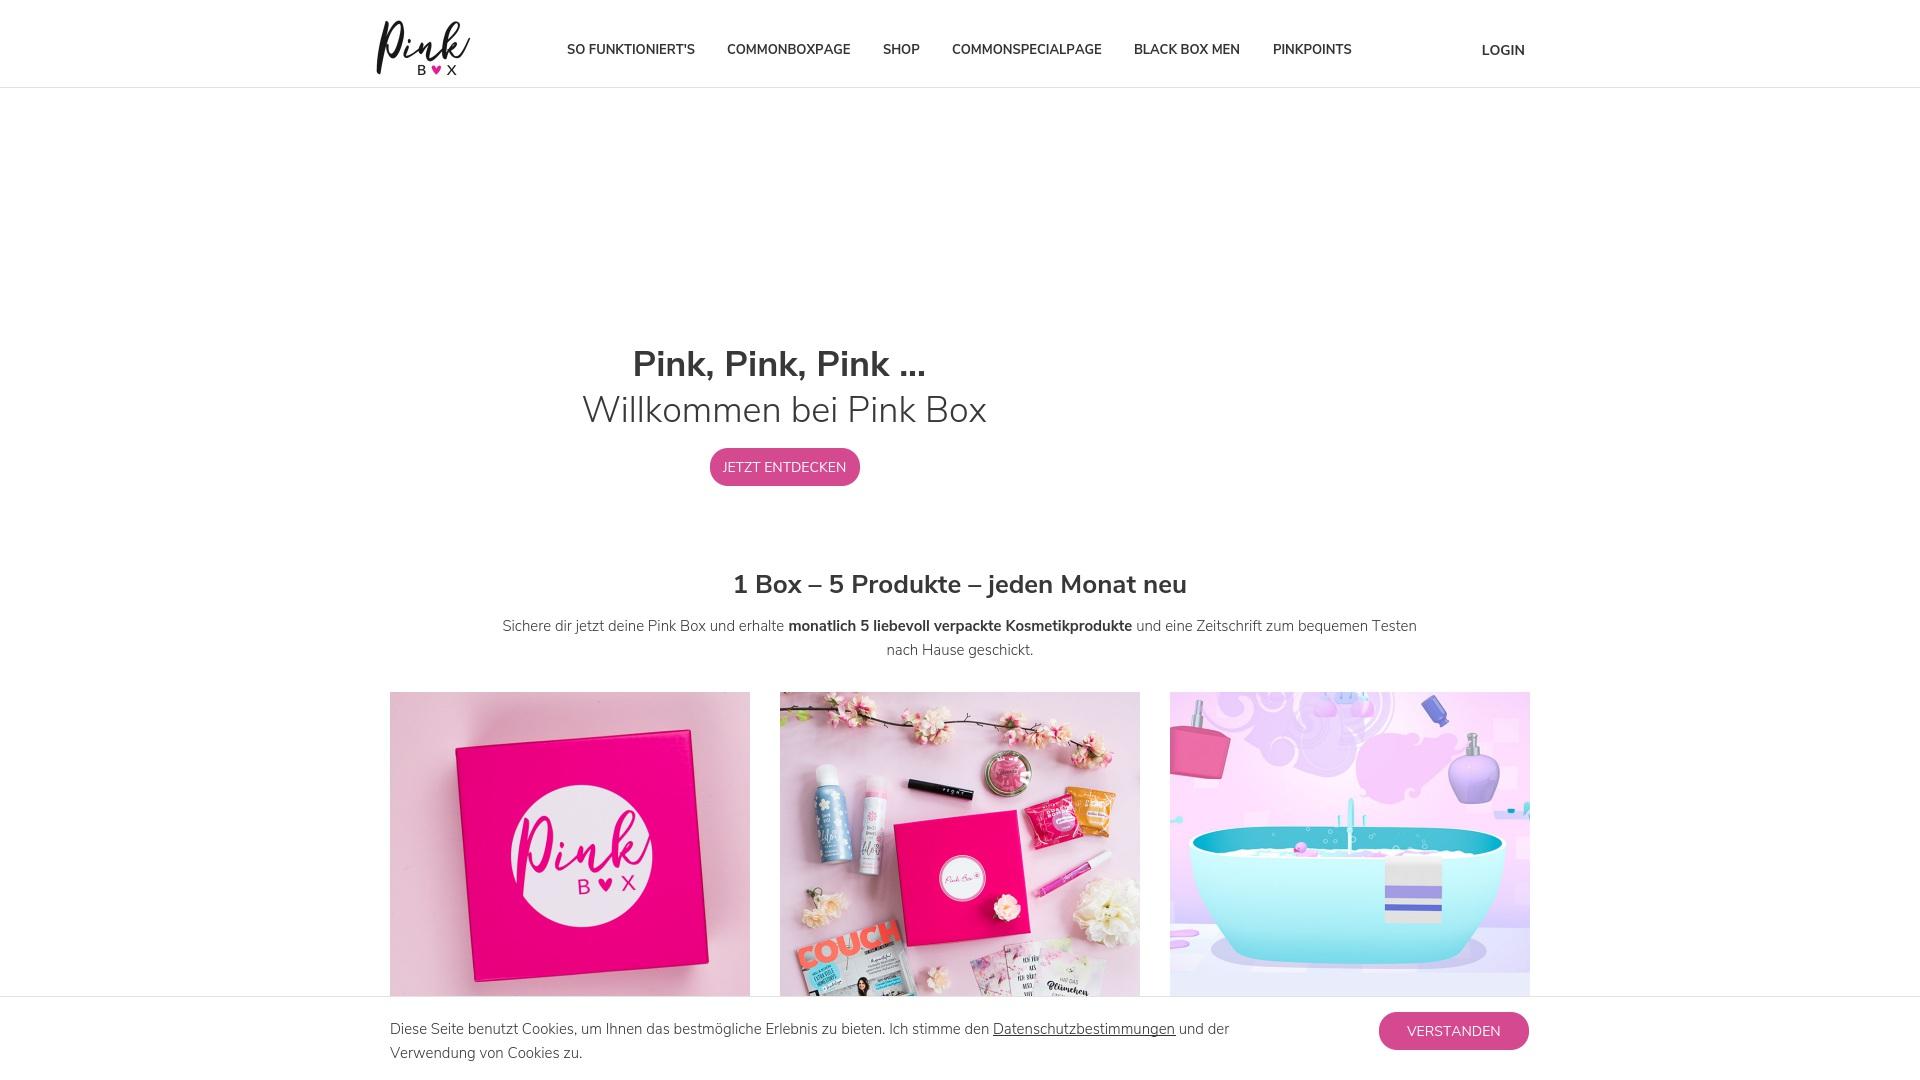 Gutschein für Pinkbox: Rabatte für  Pinkbox sichern